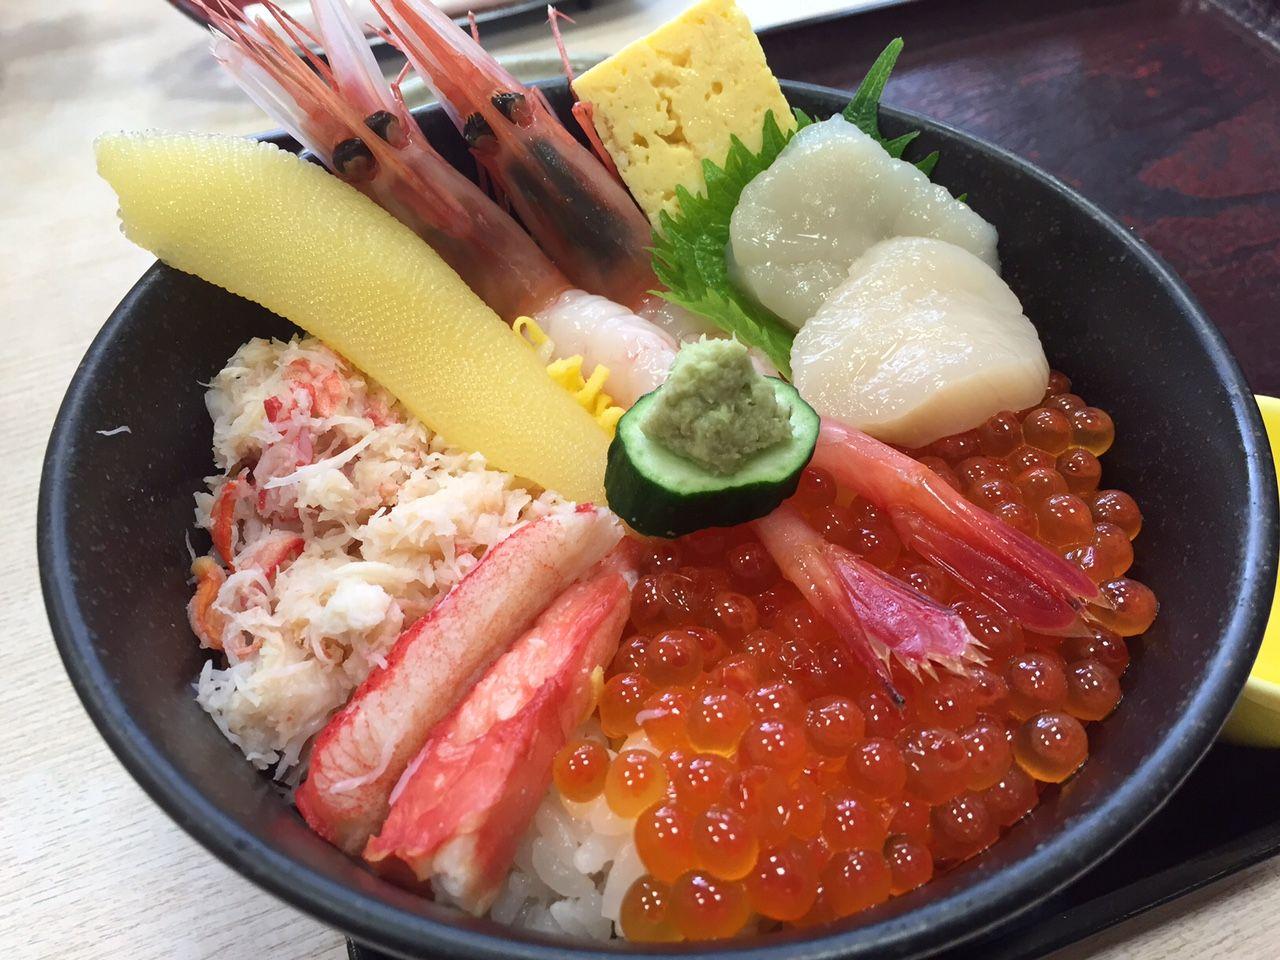 眺めてうっとり食べてにんまり 艶やかな海鮮丼を召し上がれ!